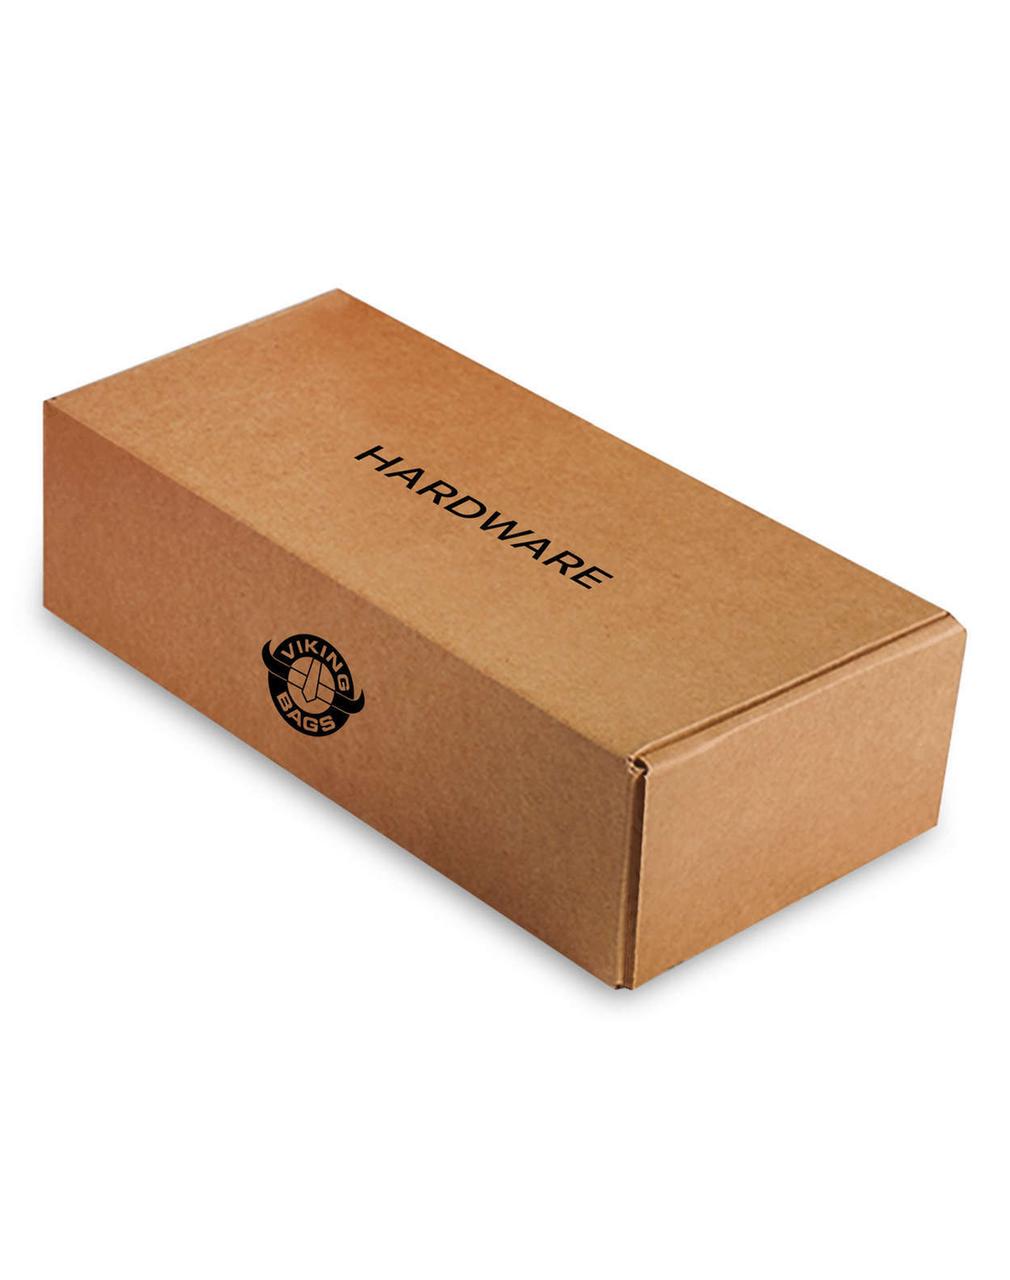 Triumph Rocket III Range Slanted Studded Large Motorcycle Saddlebags Box